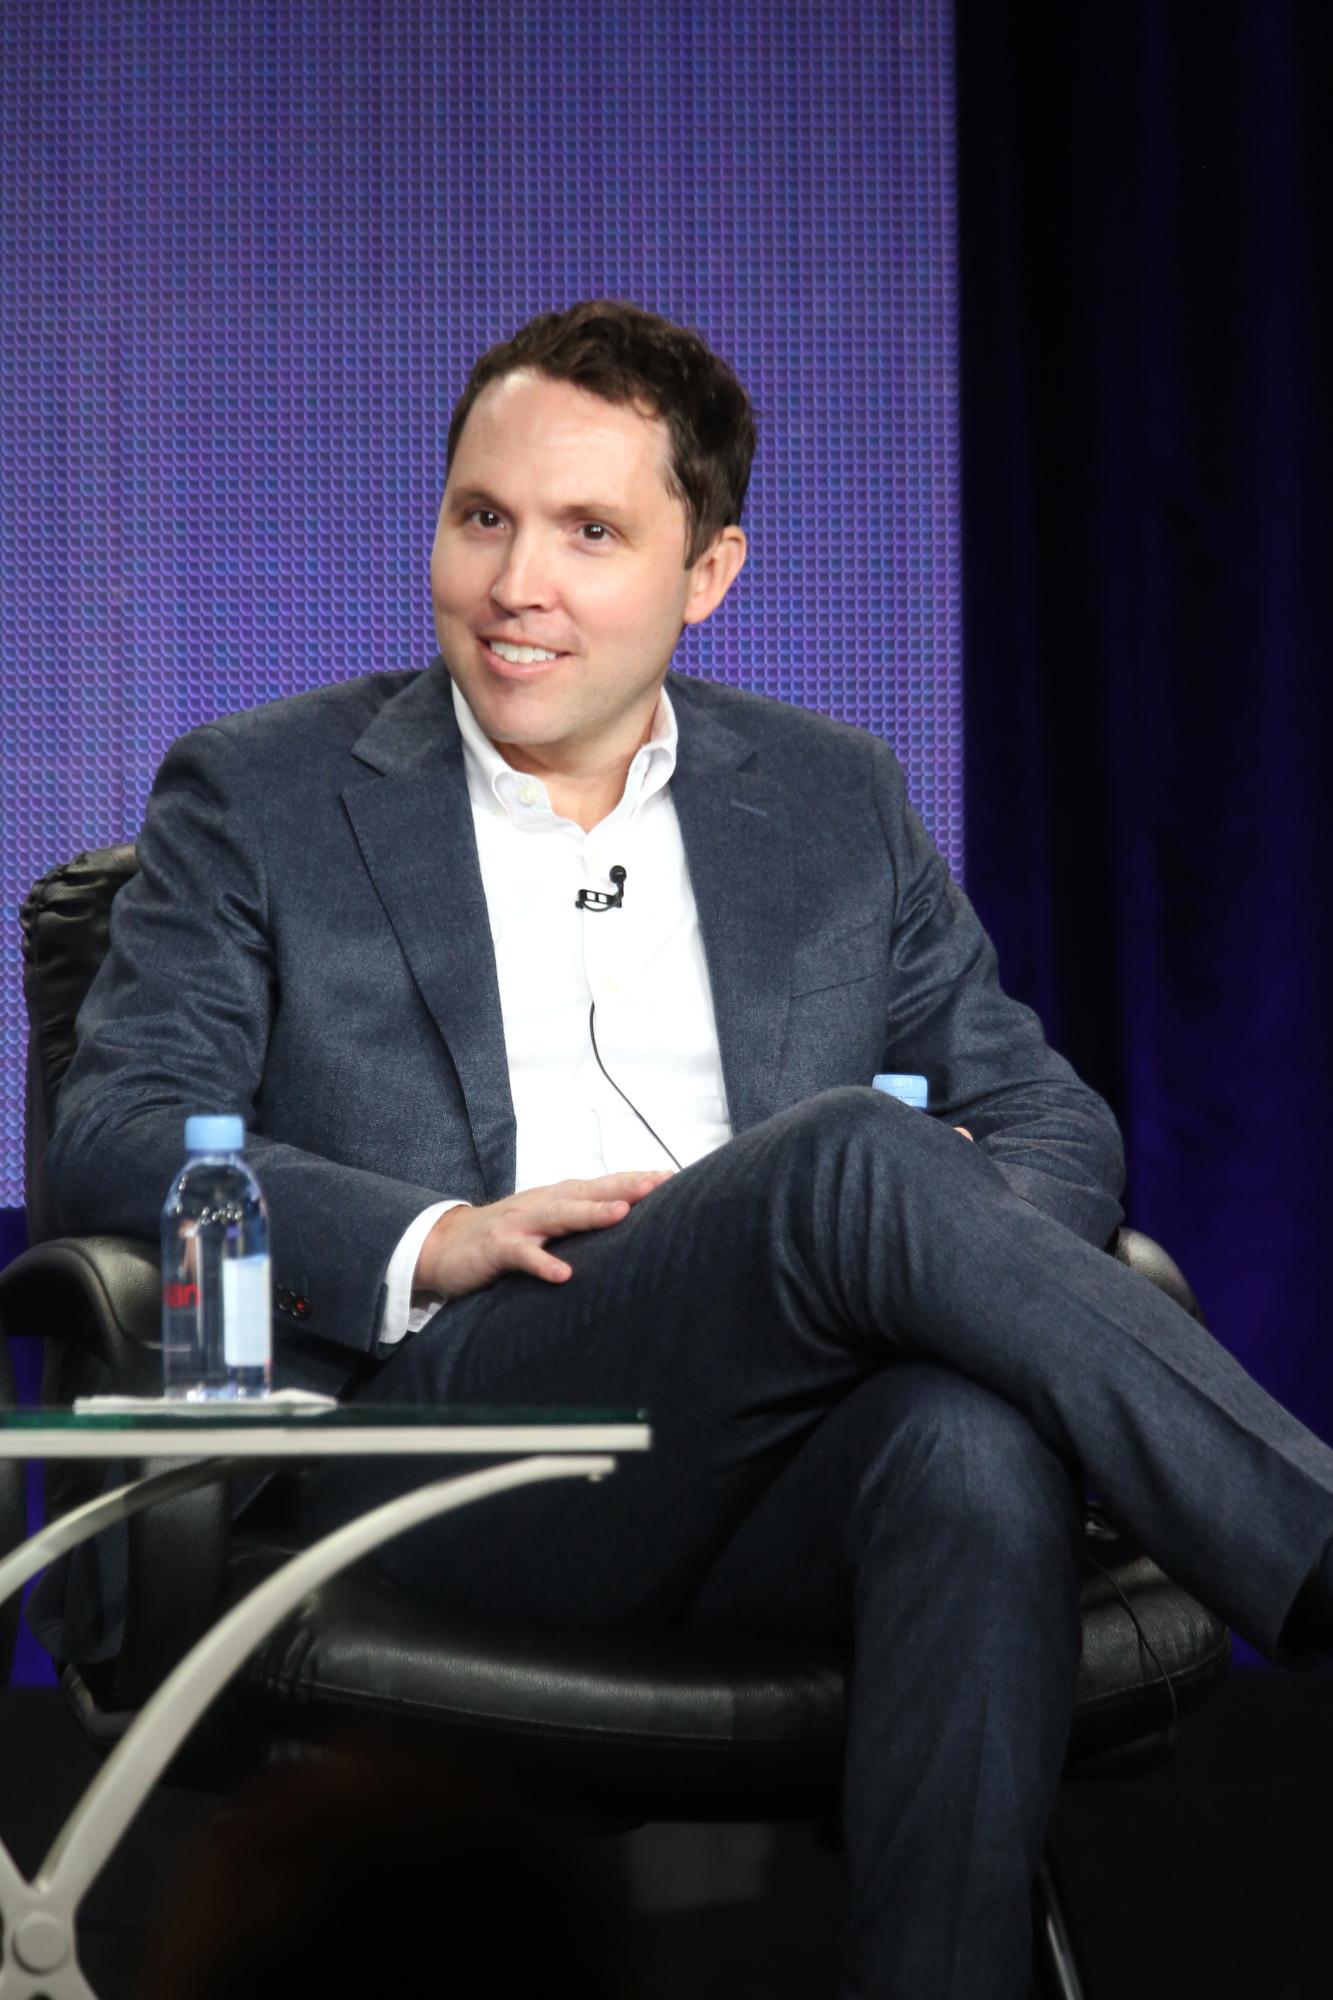 Executive Producer, Rob Crabbe